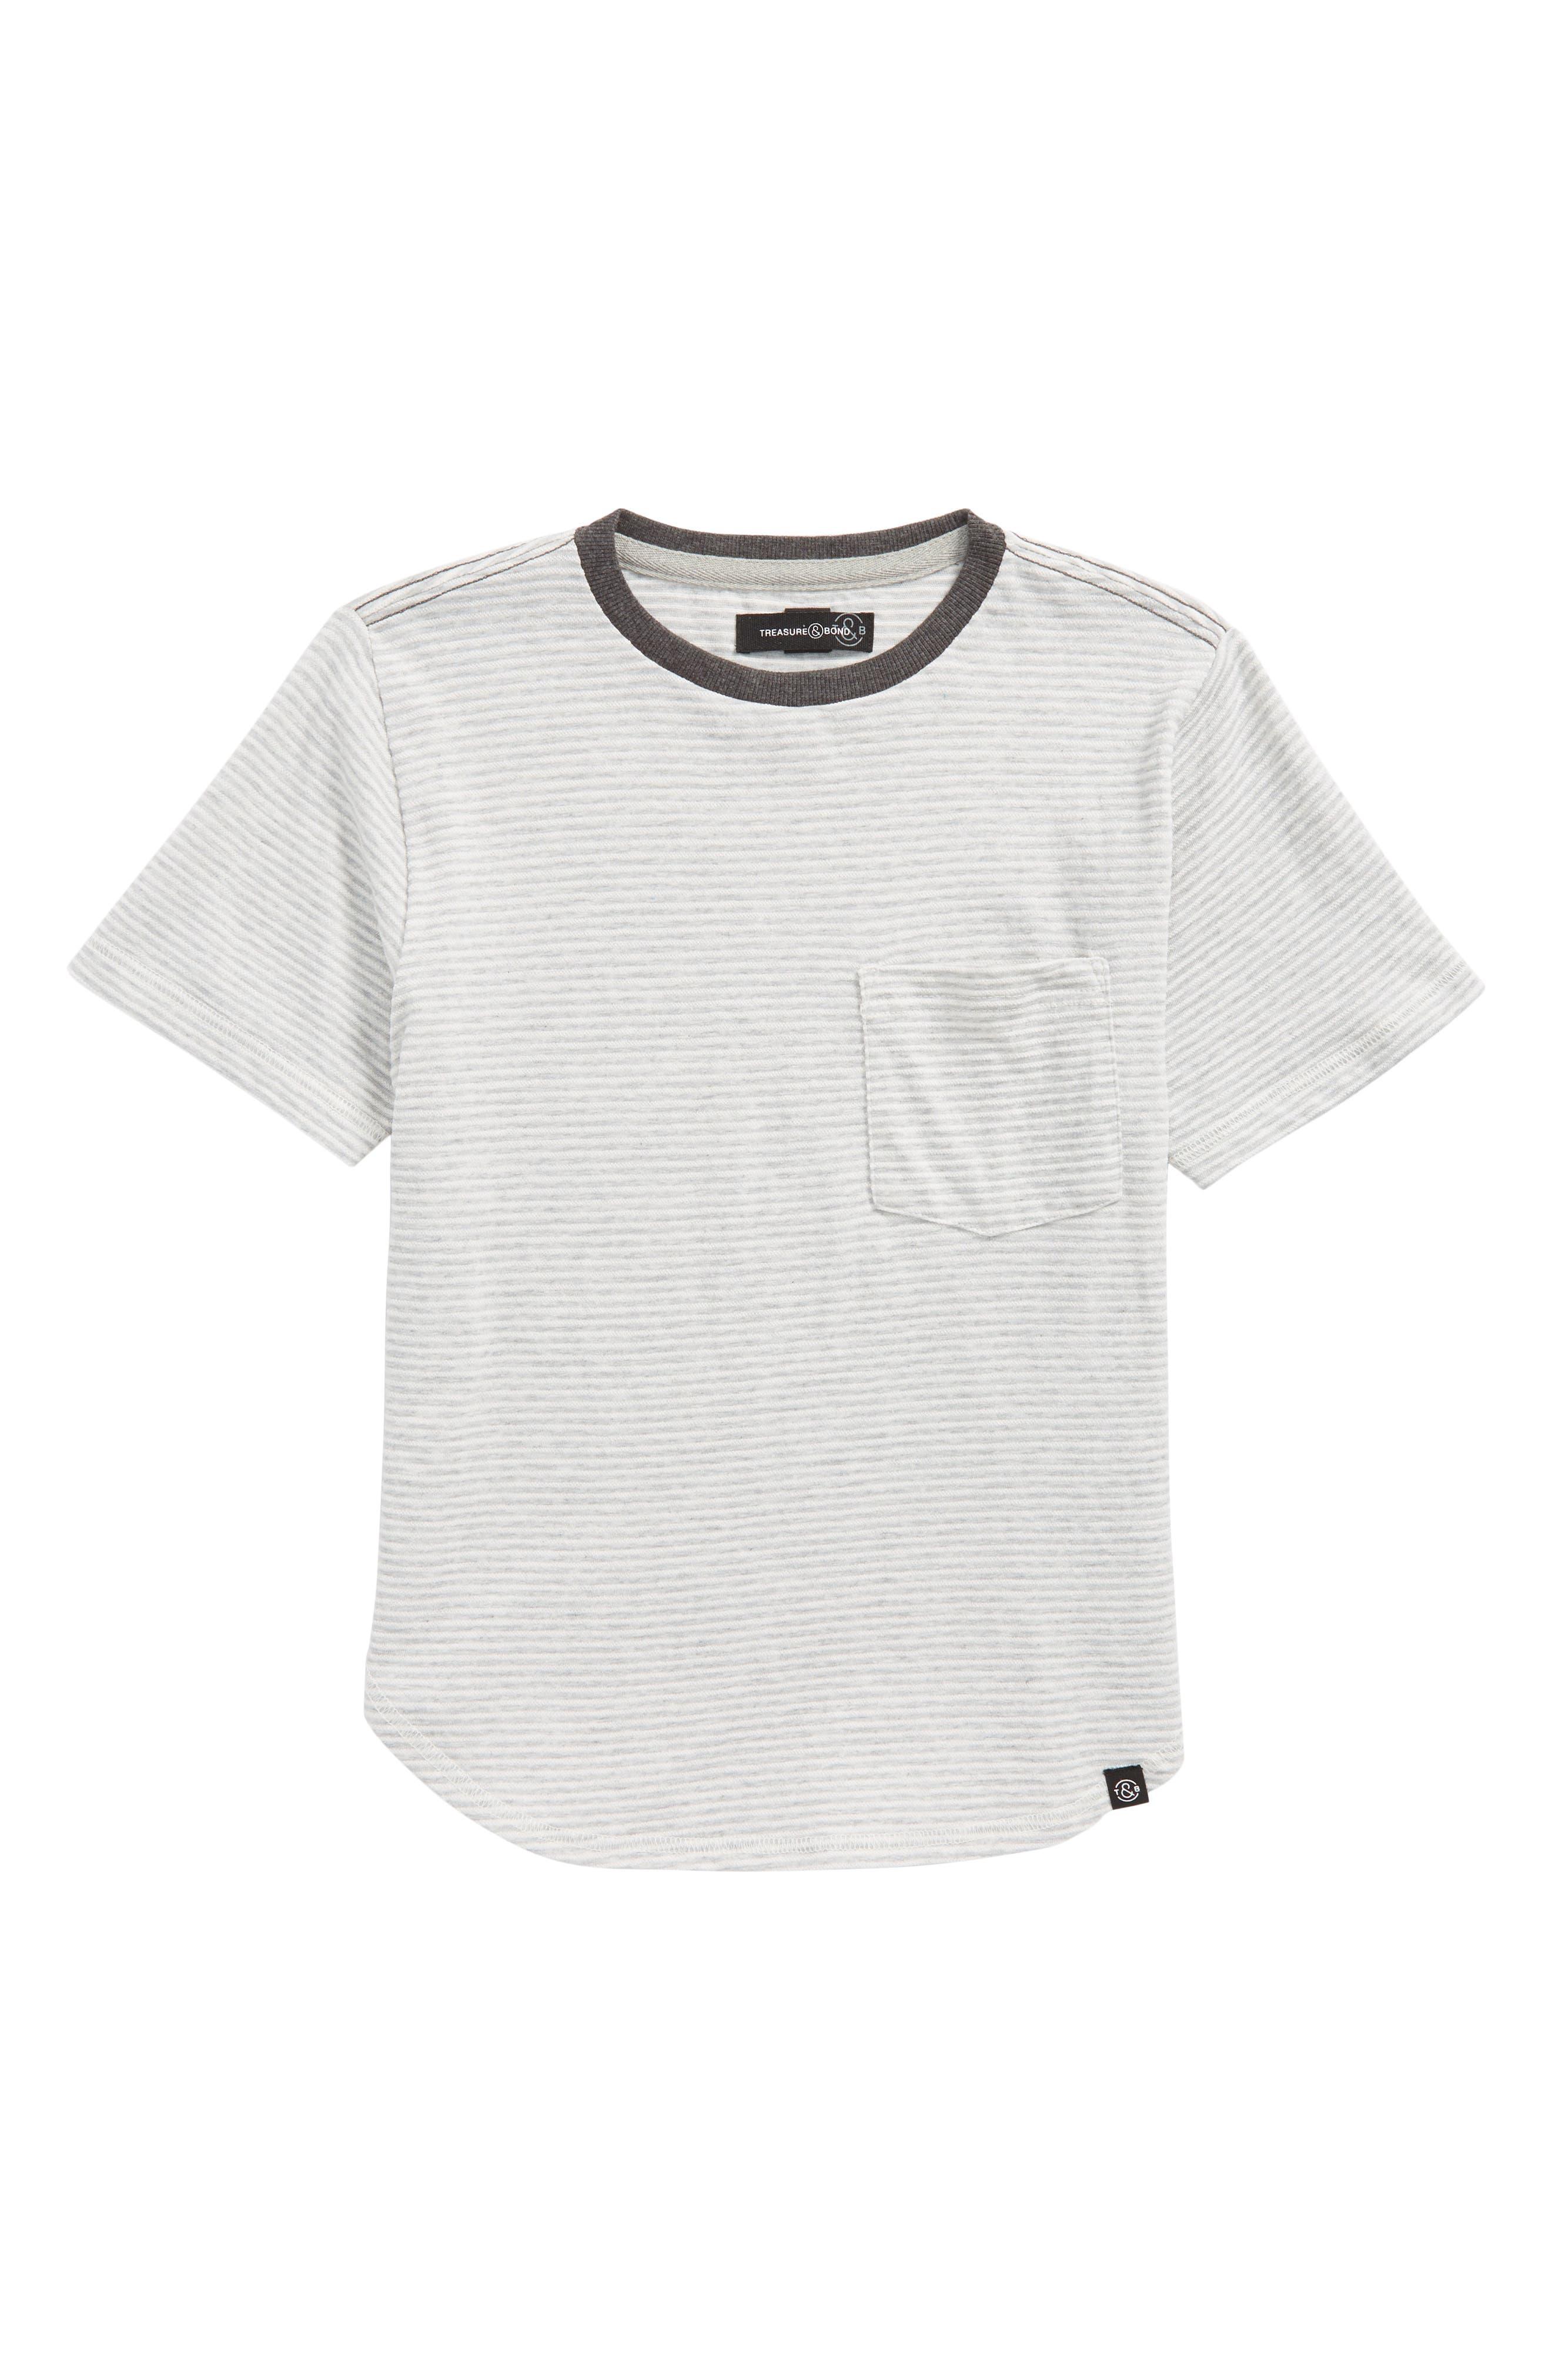 Stripe Pocket T-Shirt,                             Main thumbnail 1, color,                             030